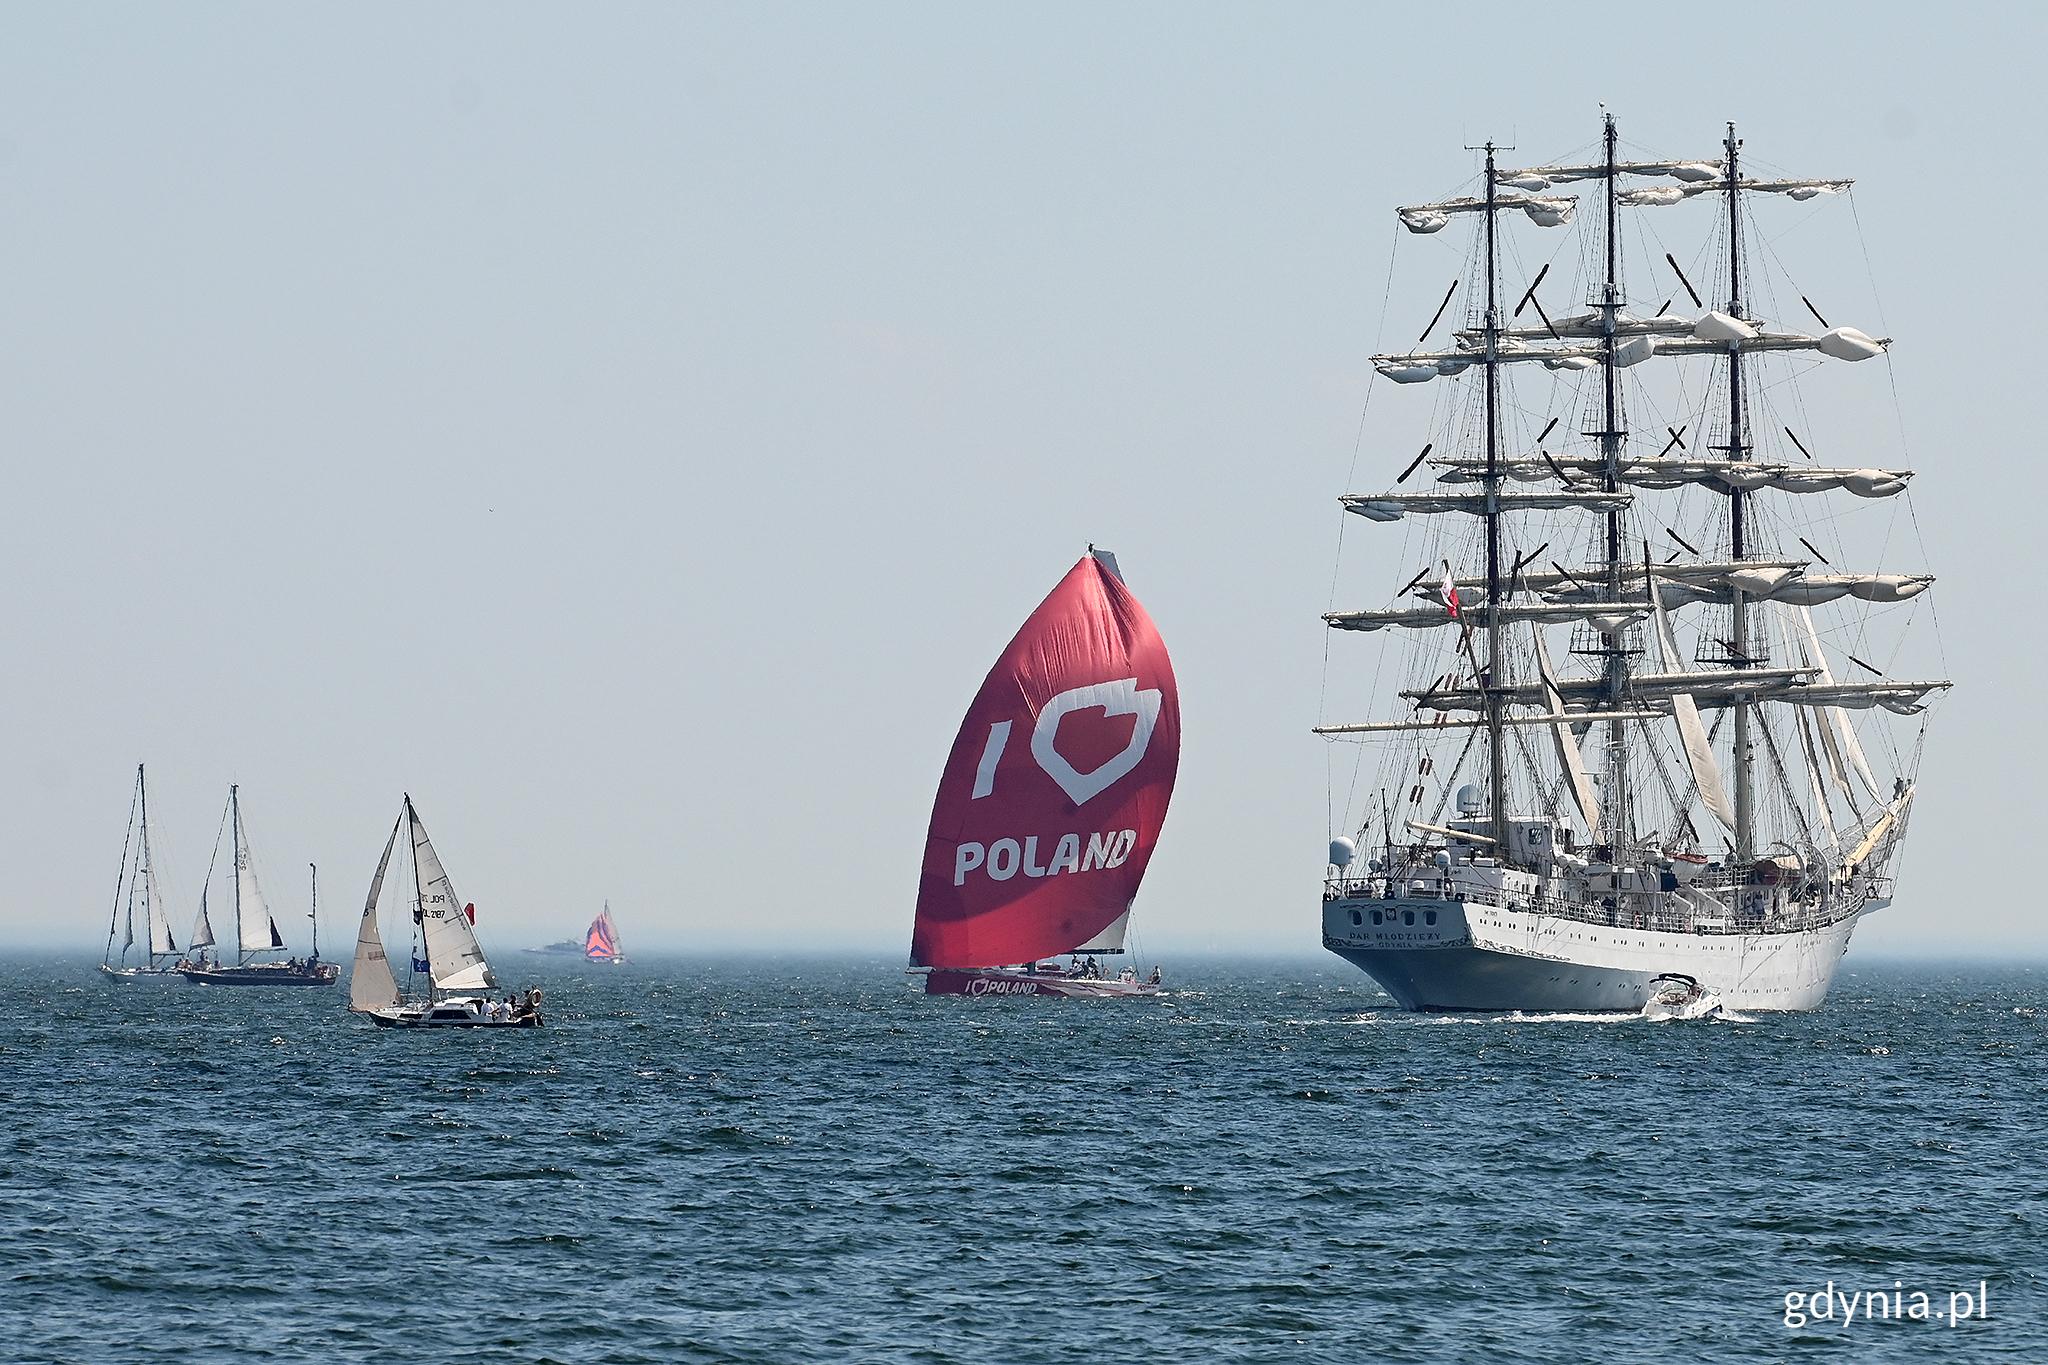 """""""Dar Młodzieży"""", jacht """"I love Poland"""" i inne jednostki uczestniczące w Żeglarskiej Paradzie Świętojańskiej // fot. Michał Puszczewicz"""